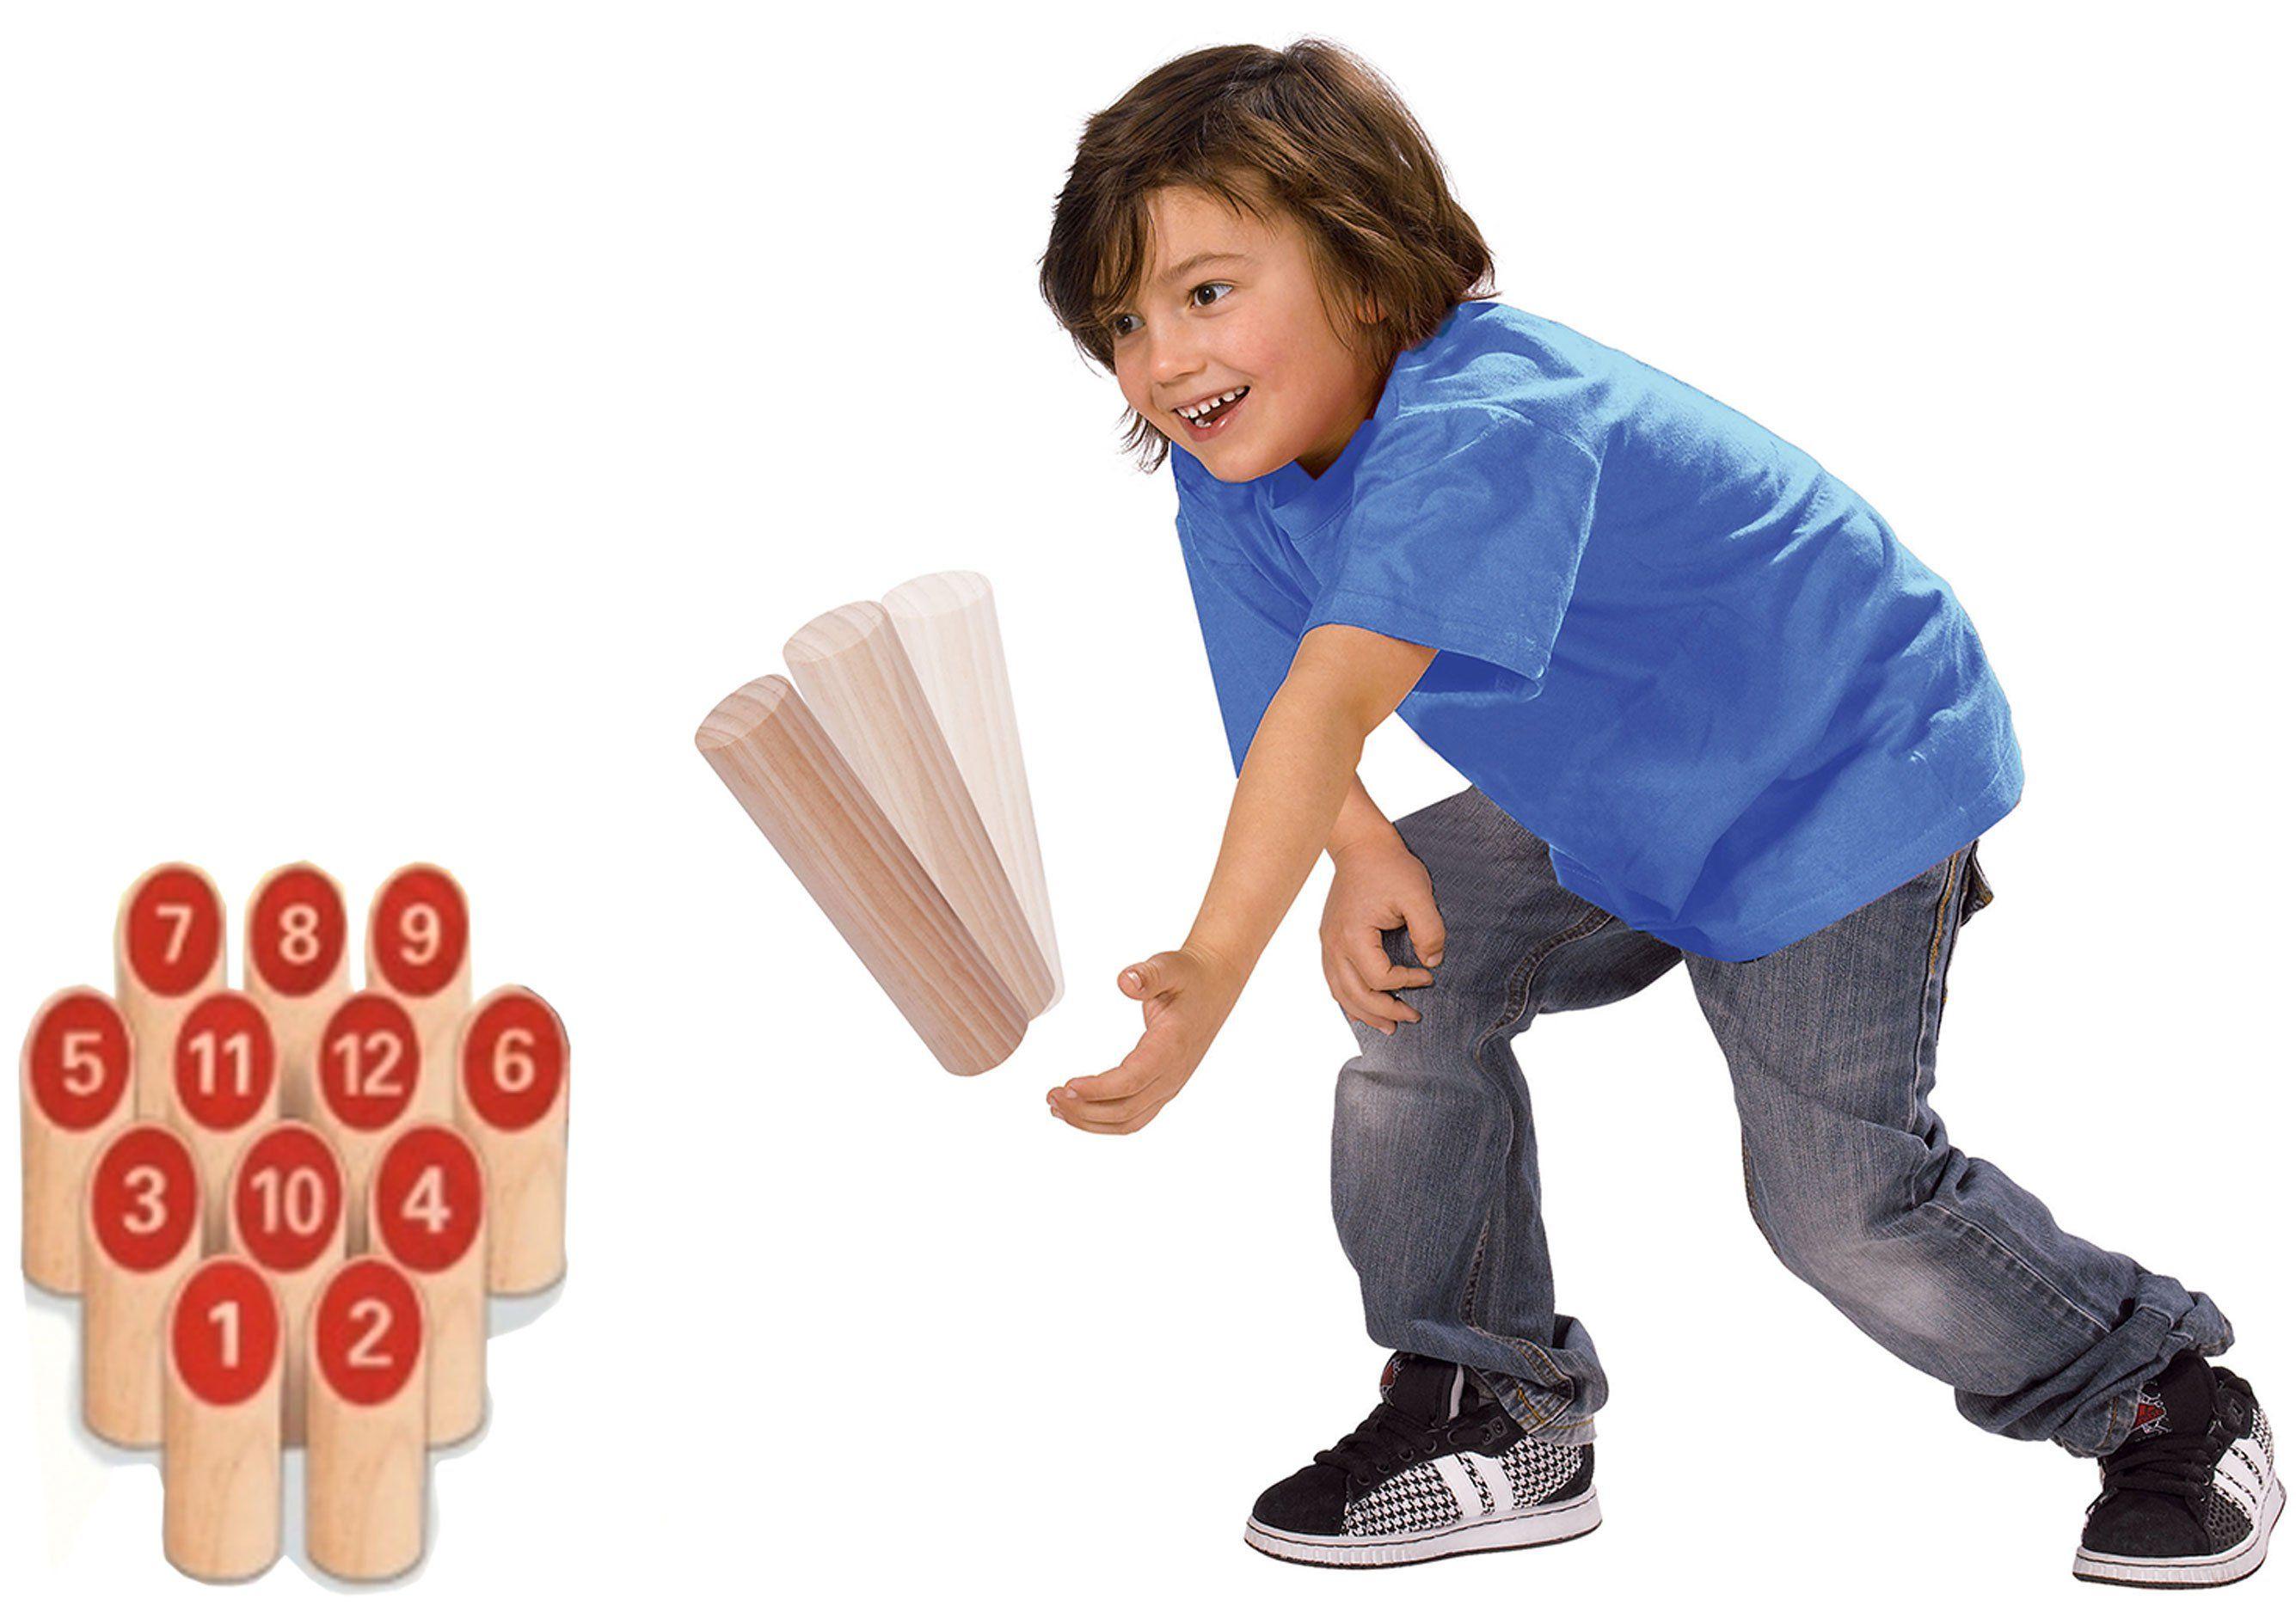 Kregle Drewniane Rzucanie Do Celu Rzutki Torba Eichhorn Brykacze Pl Internetowy Sklep Z Zabawkami Dla Dzieci